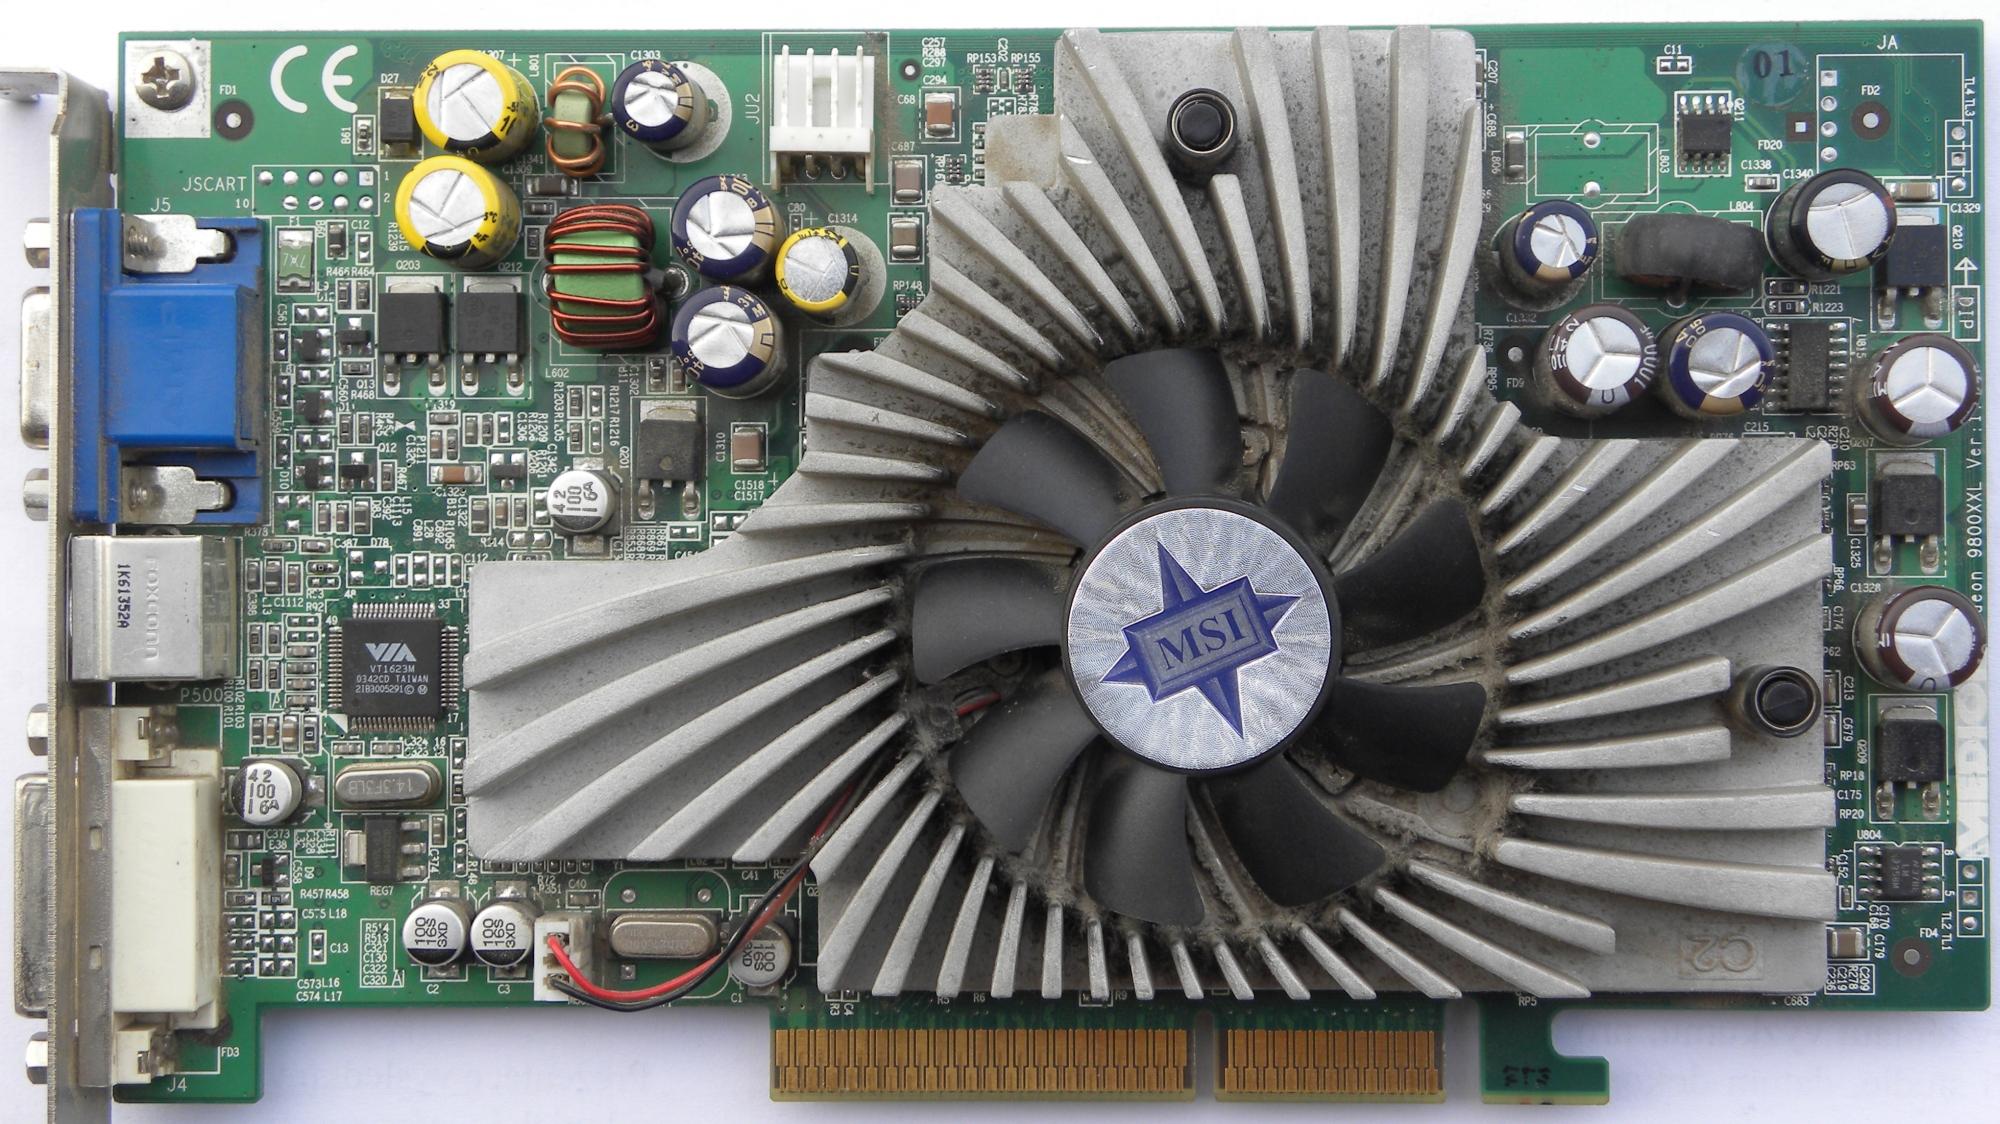 ATI Radeon 9800 PRO MSI 9800Pro TD128